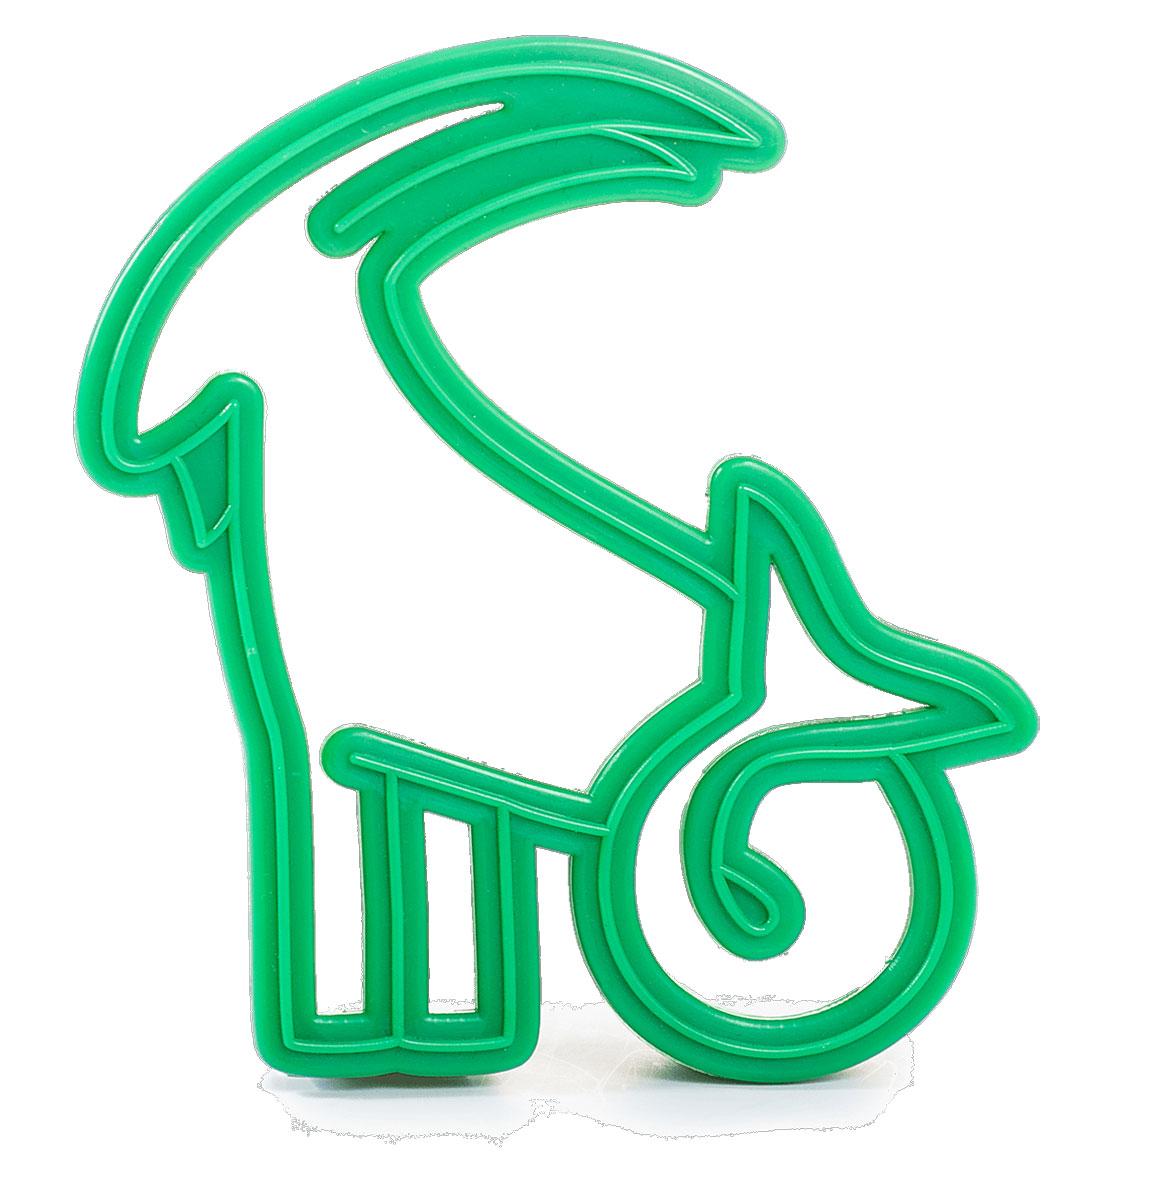 """Многоразовая форма из коллекции """"Знаки зодиака"""" подходит для вырезания песочного и  пряничного теста, для домашнего и профессионального использования. Просто поместите формочку на предварительно раскатанный пласт, оттисните узор, снимите. Вы  увидите не только контур, но и красивый внутренний рисунок. С помощью такой формы можно приготовить сладости своими руками: испеките печенье или  пряник в виде Козерога - угостите или подарите своим близким и друзьям. Ваши """"козероги"""" будут  в восторге."""